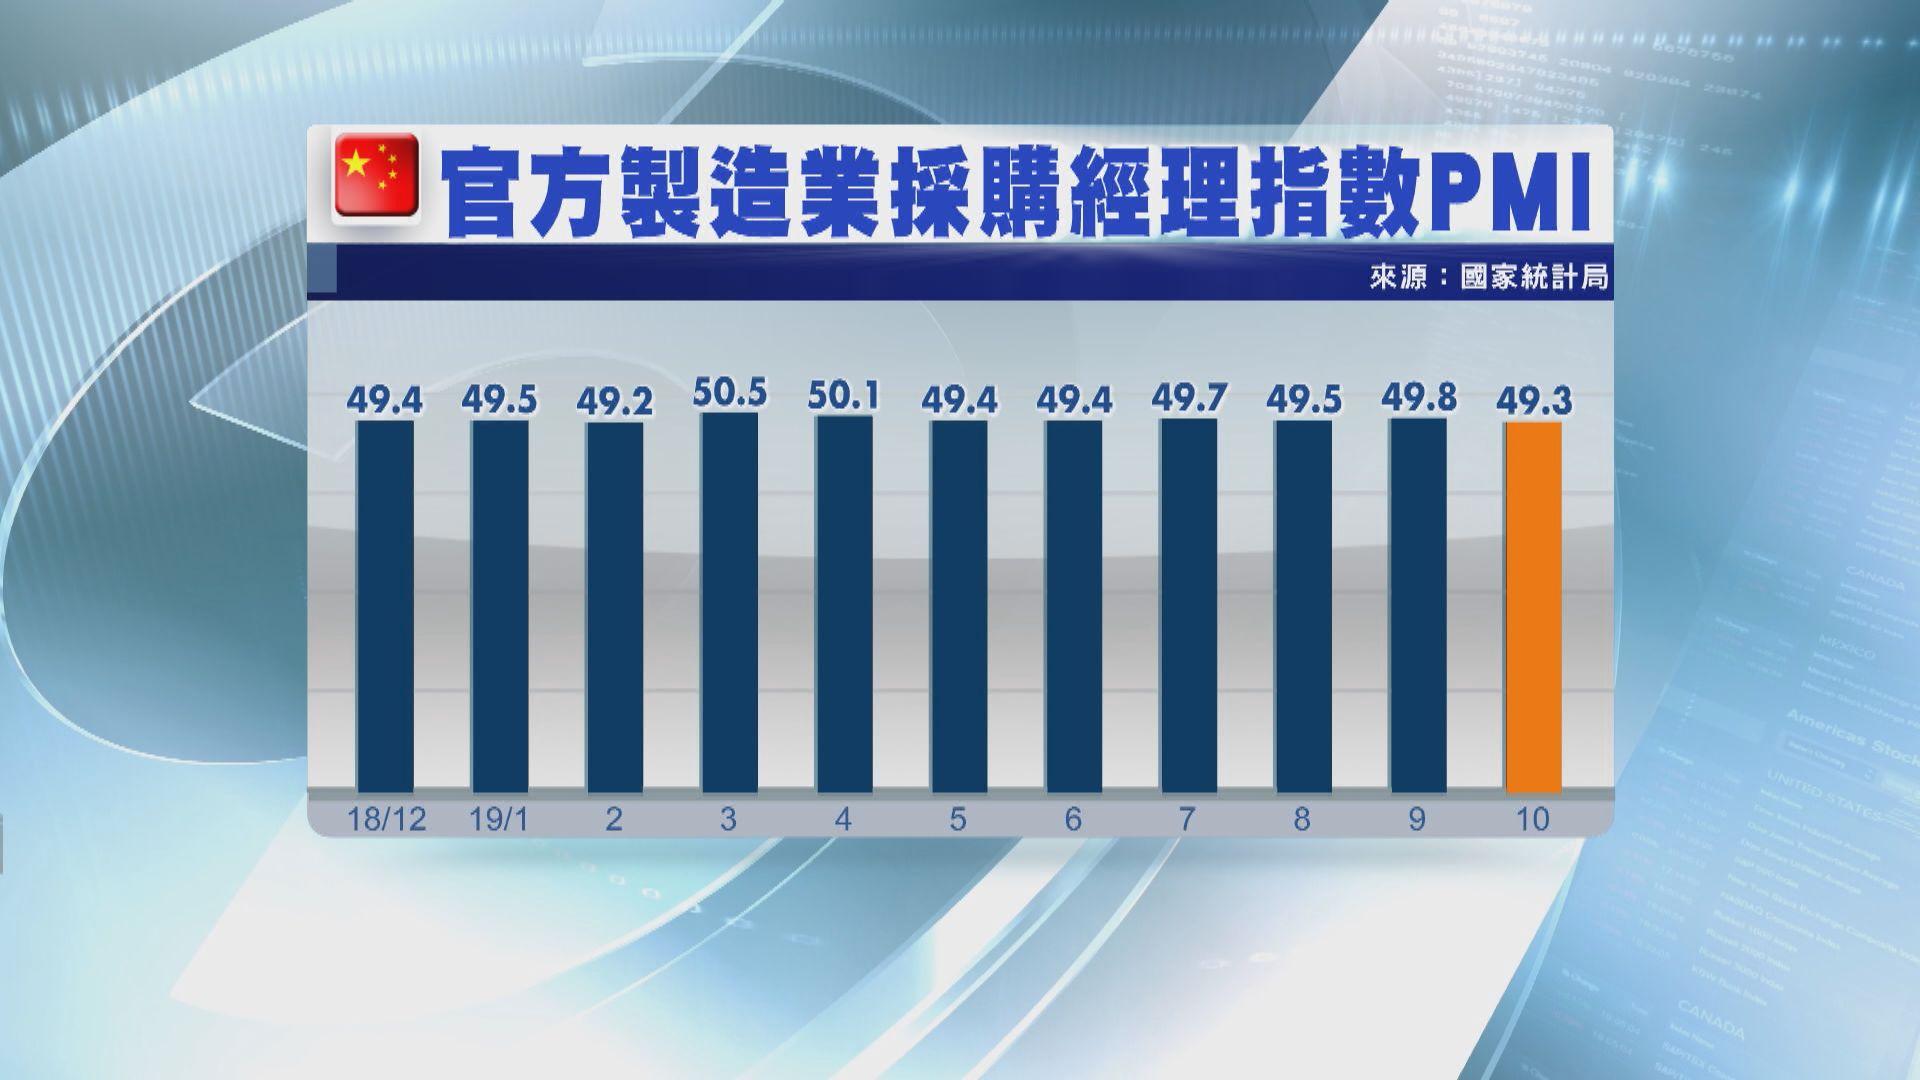 【內地數據】內地10月官方PMI跌至49.3 見8個月低位